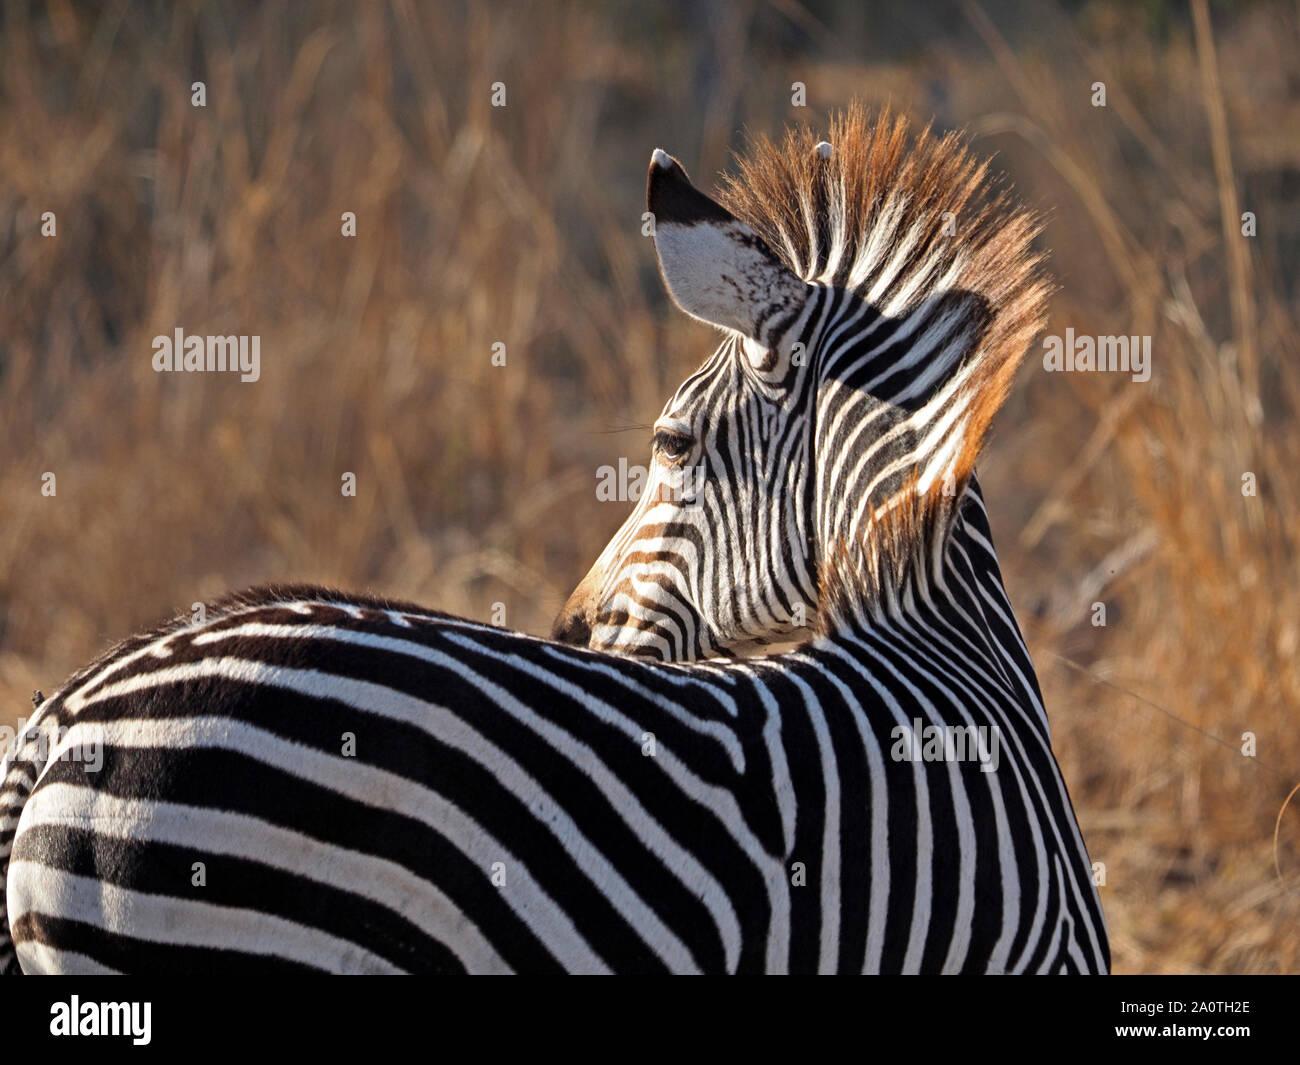 La lumière du soleil qui brille sur le gingembre-tipped mane de zèbre de Crawshay endémiques (Equus quagga crawshayi) dans les prairies sèches d'or de South Luangwa, en Zambie, l'Afrique Banque D'Images